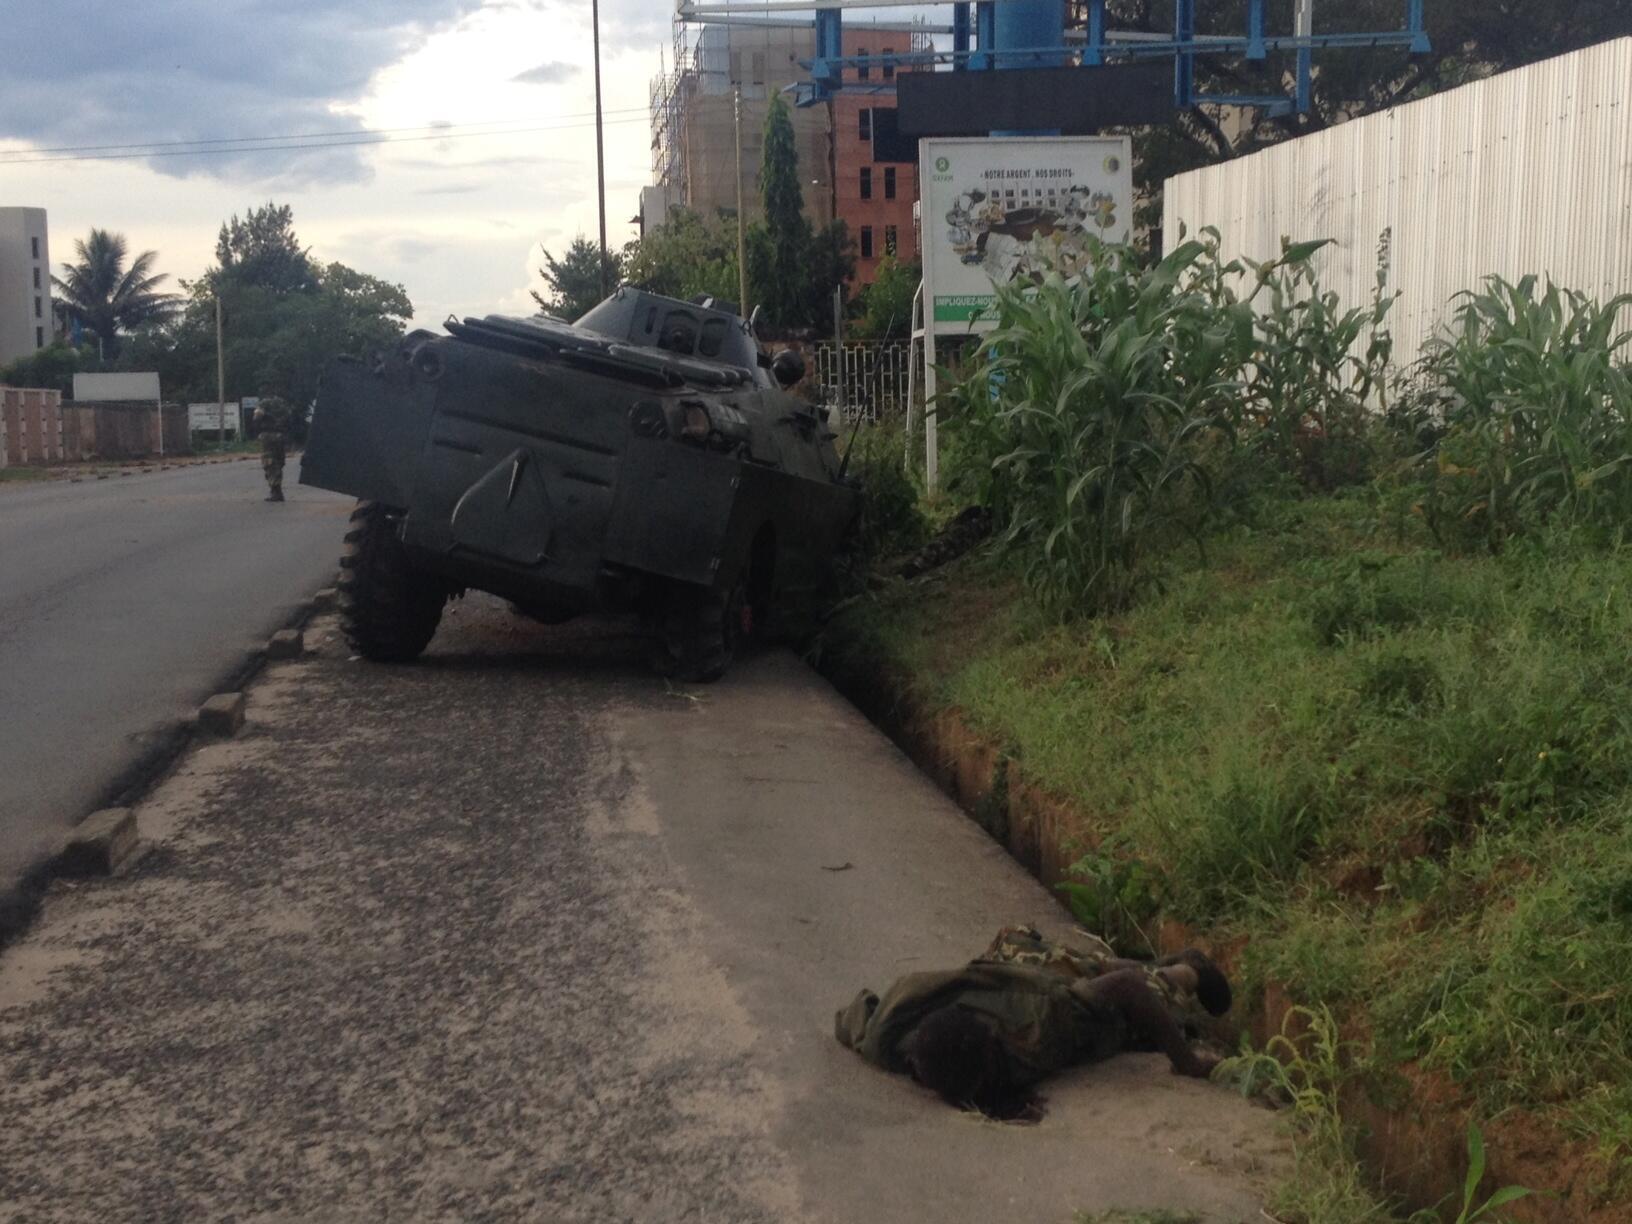 Affrontements autour de la RTNB, à Bujumbura. Selon les constatations de RFI, trois personnes ont été tuées ce jeudi 14 mai.